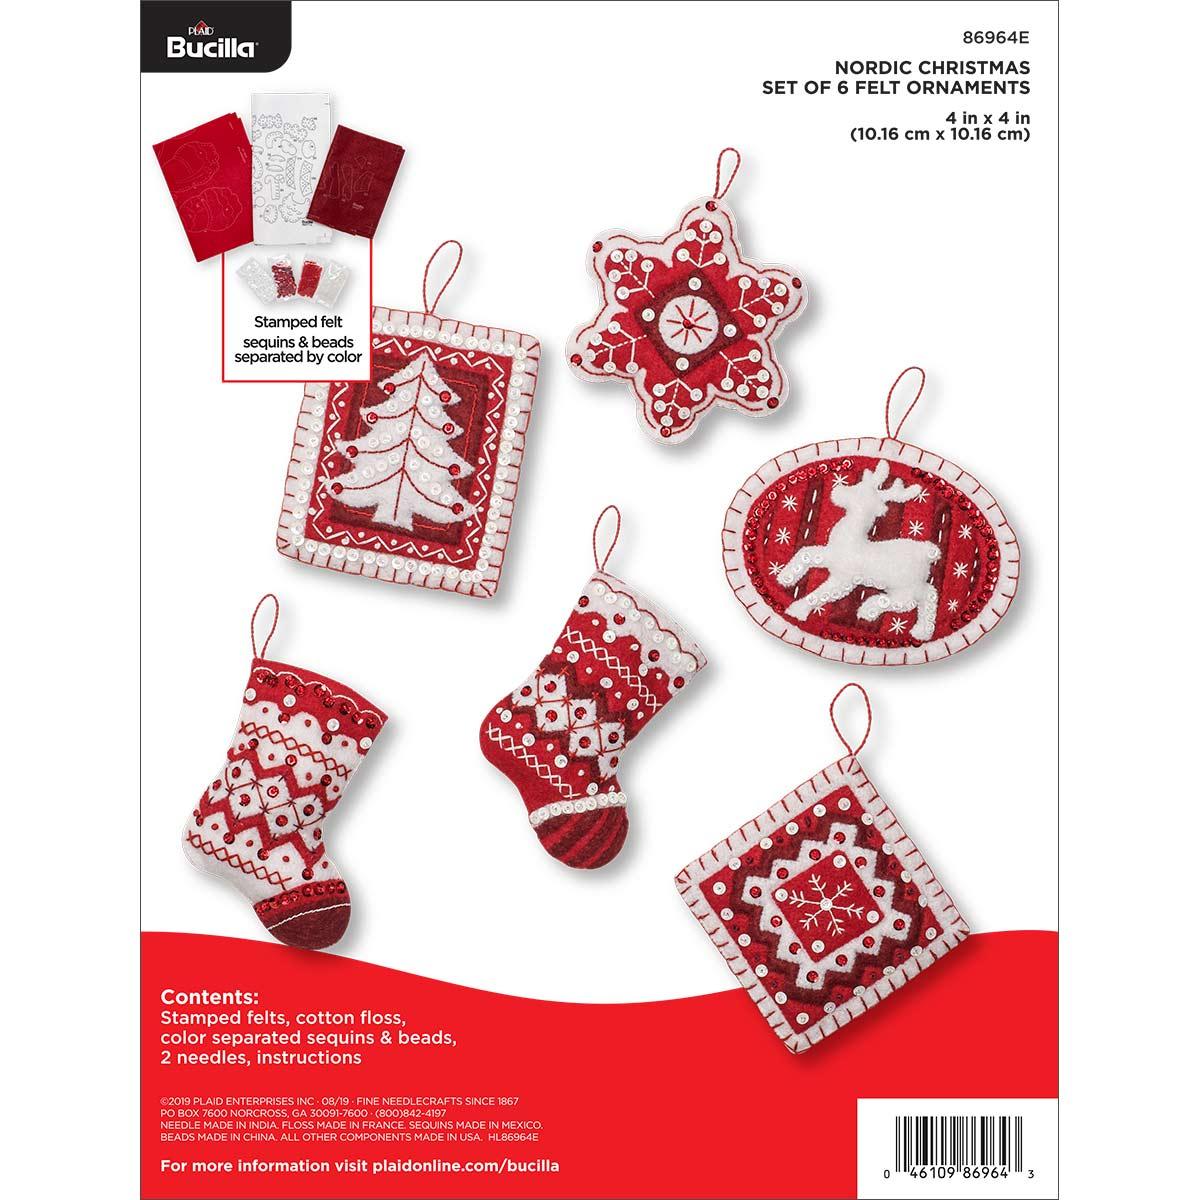 Bucilla ® Seasonal - Felt - Ornament Kits - Nordic Christmas